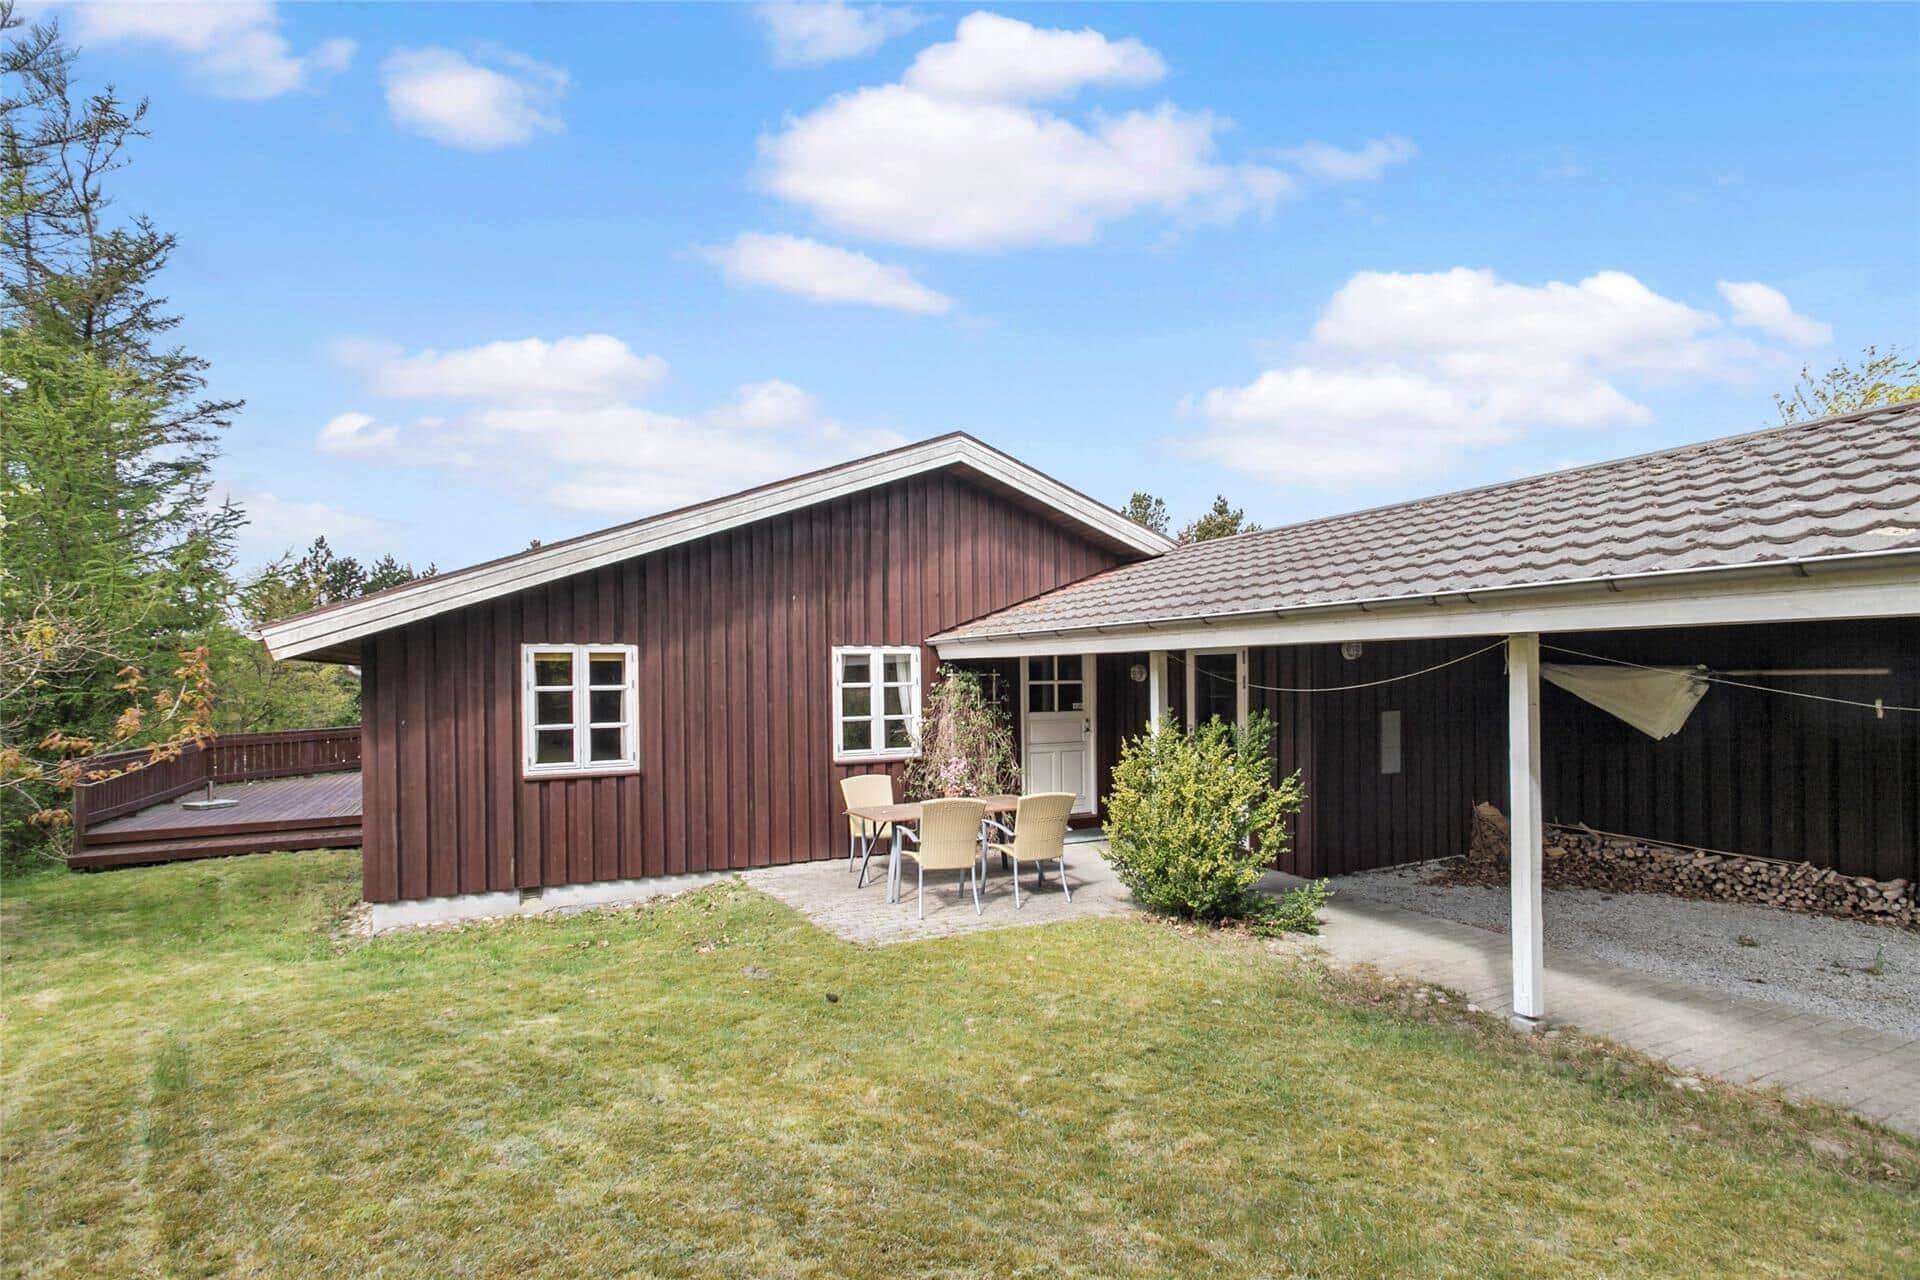 Image 1-172 Holiday-home JB872, Nattergalevej 2, DK - 9460 Brovst